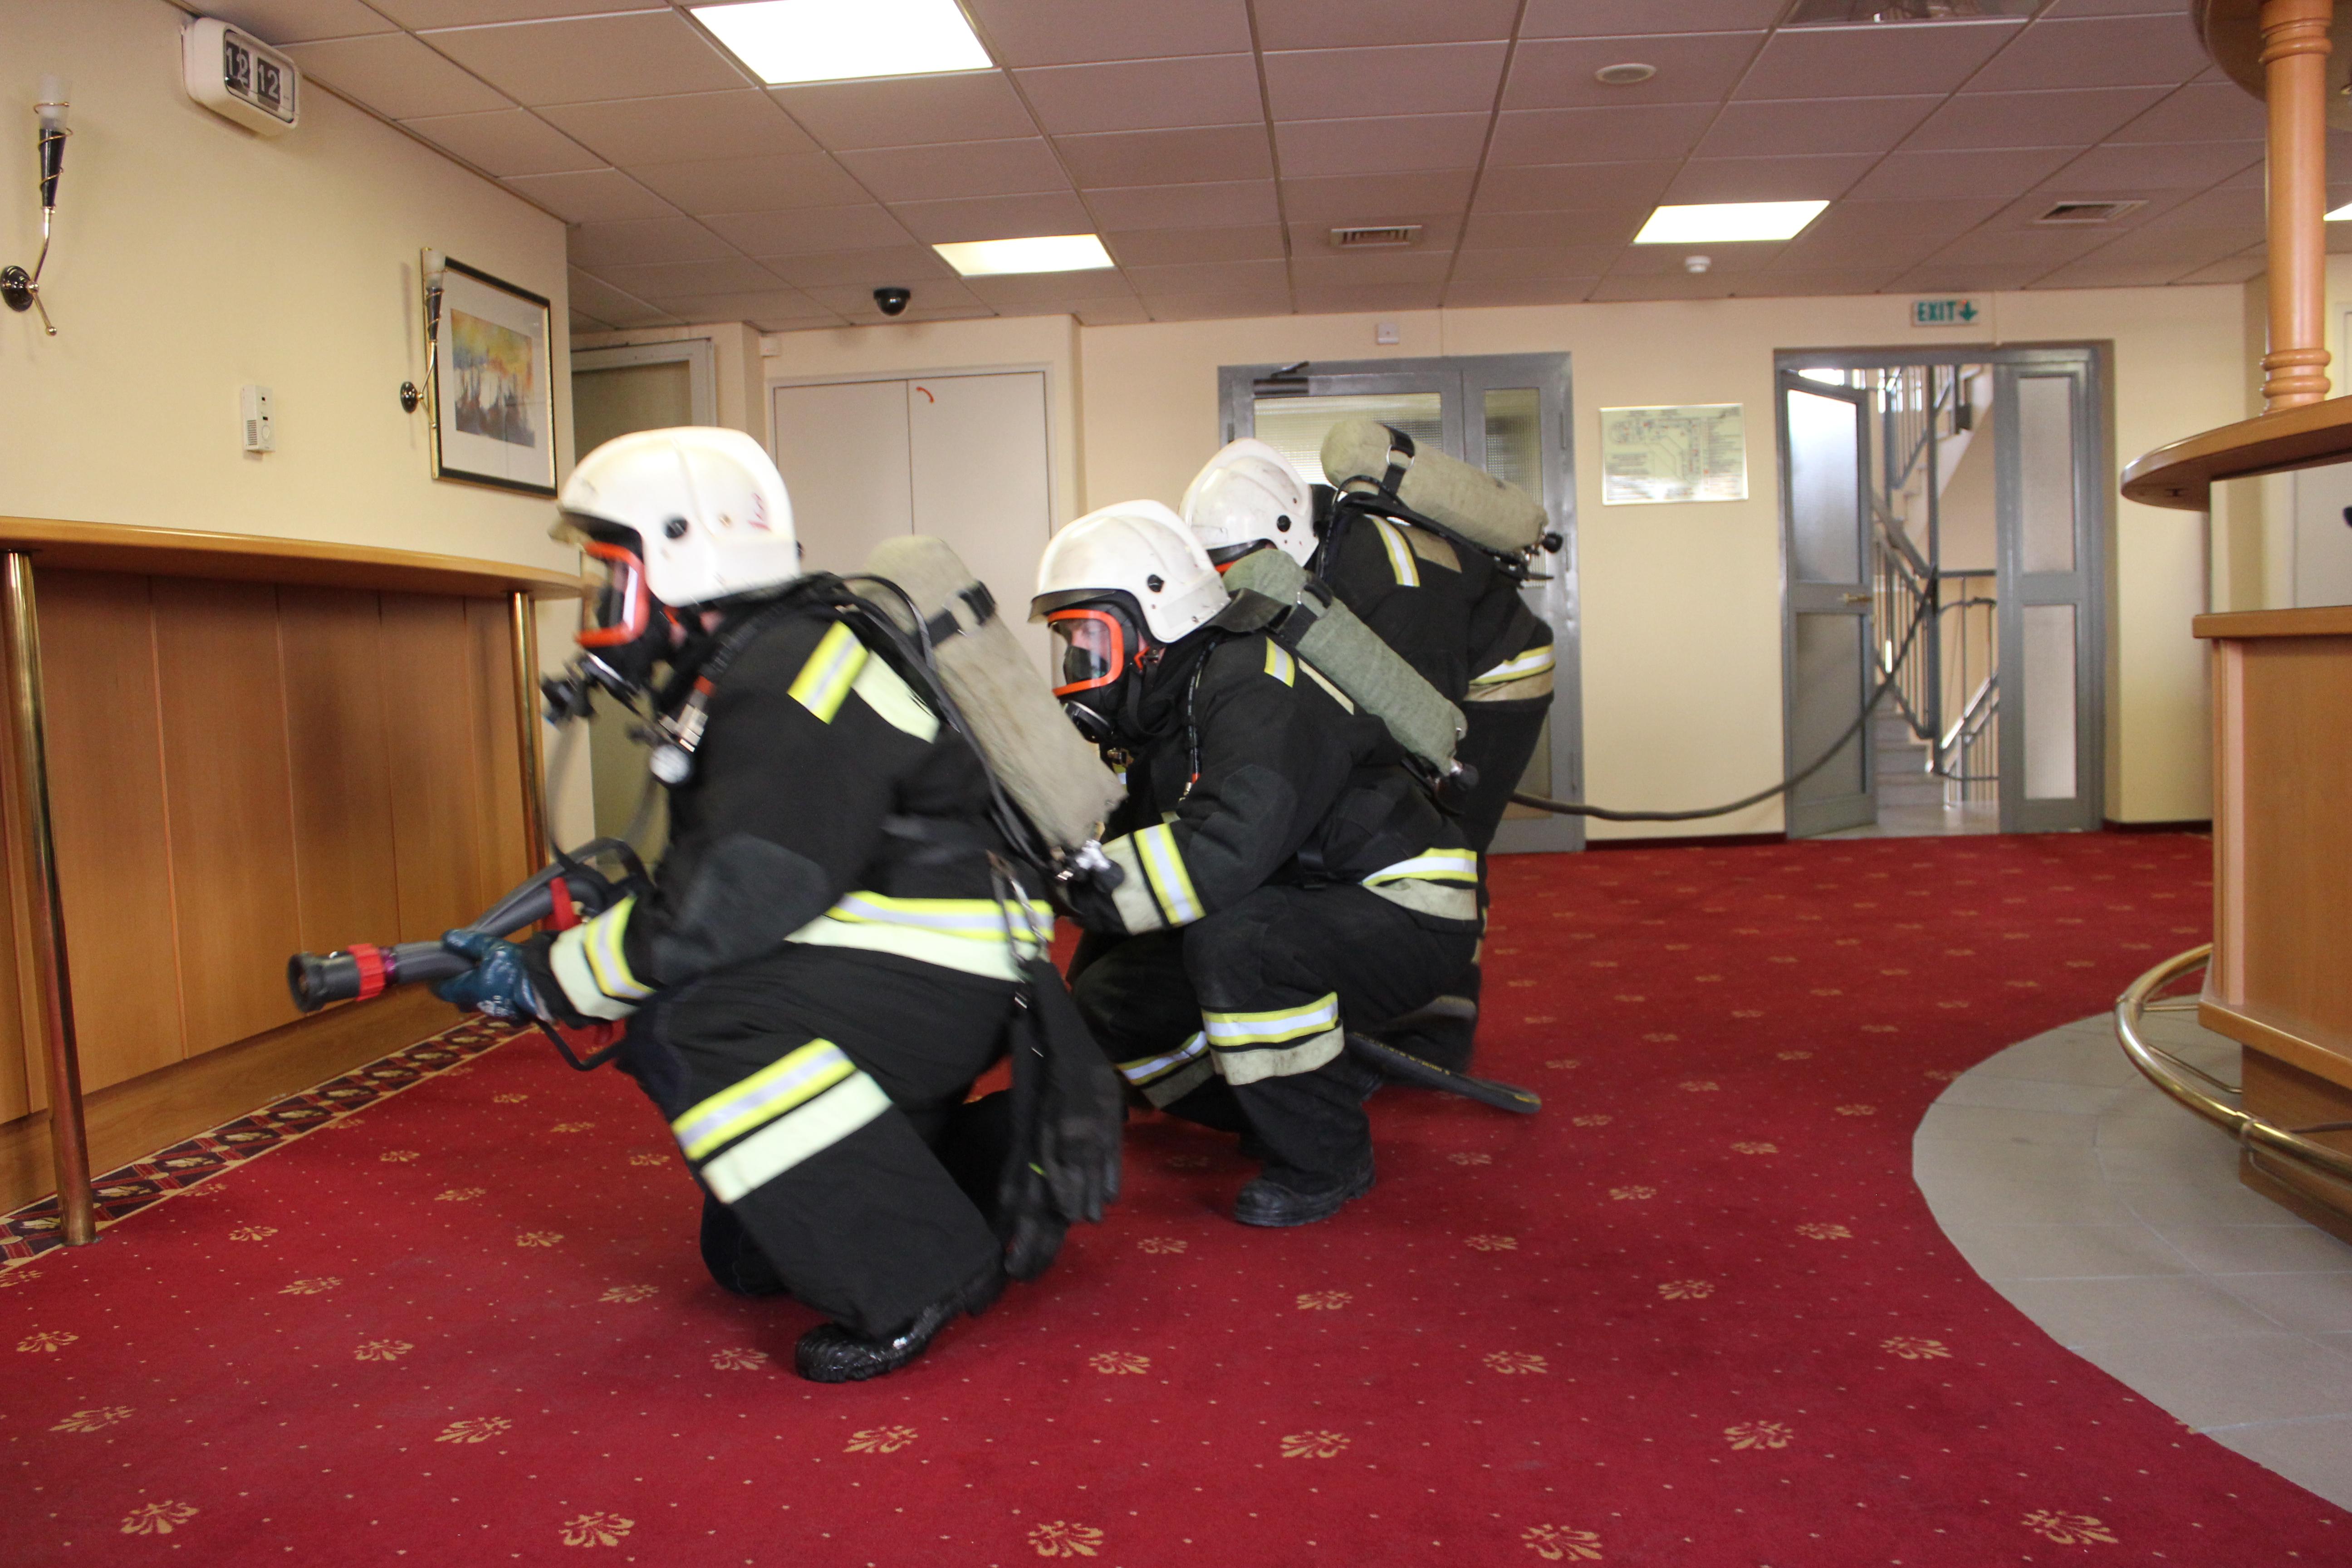 Готовимся к ЧМ-2018: сотрудники МЧС провели пожарные учения в екатеринбургском отеле